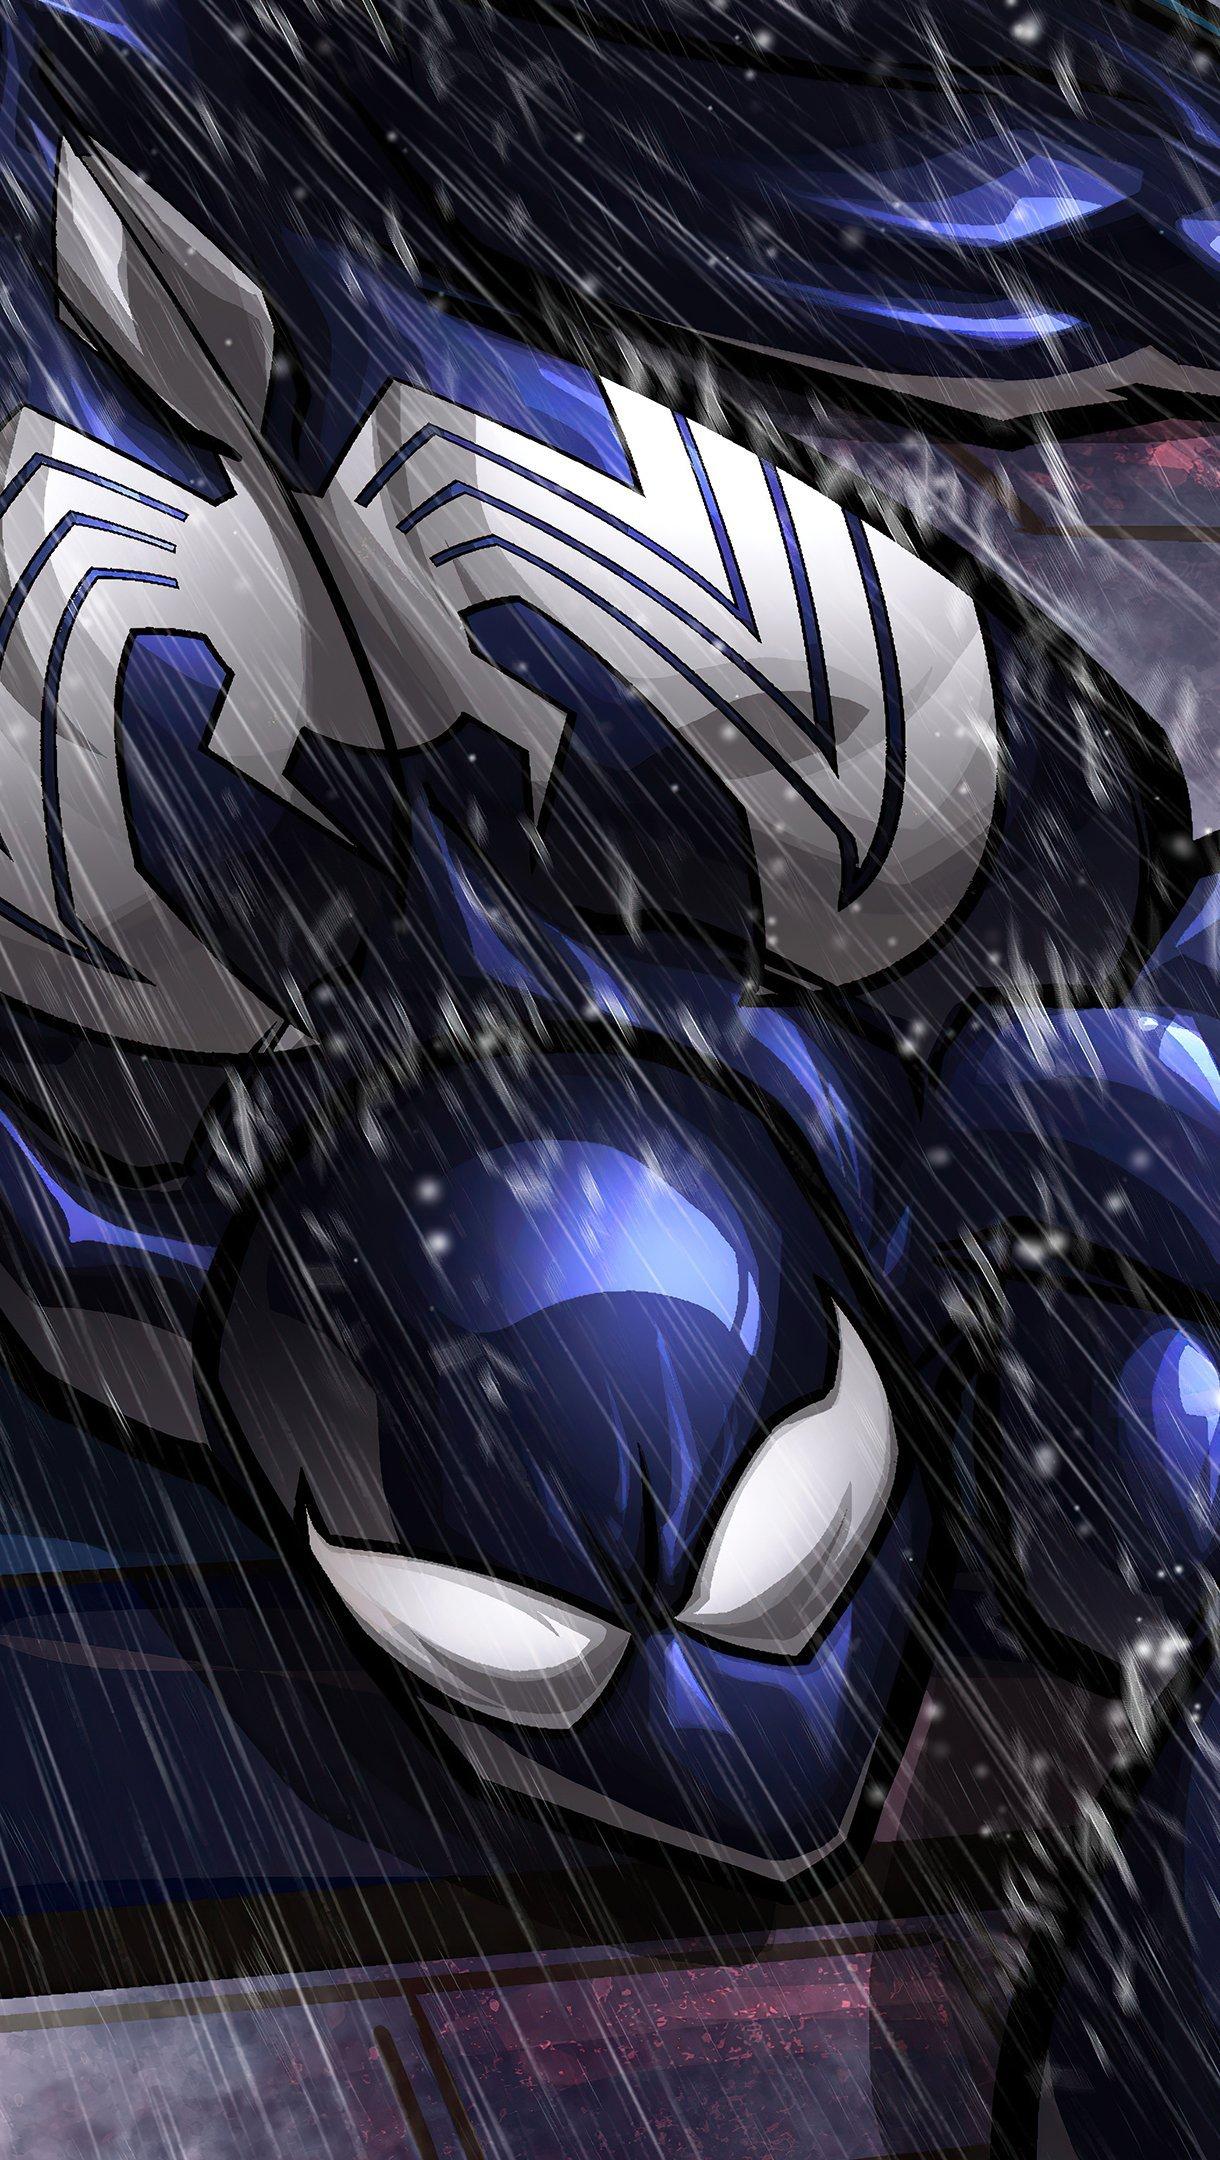 Fondos de pantalla Symbiote Spidey escalando muro Vertical